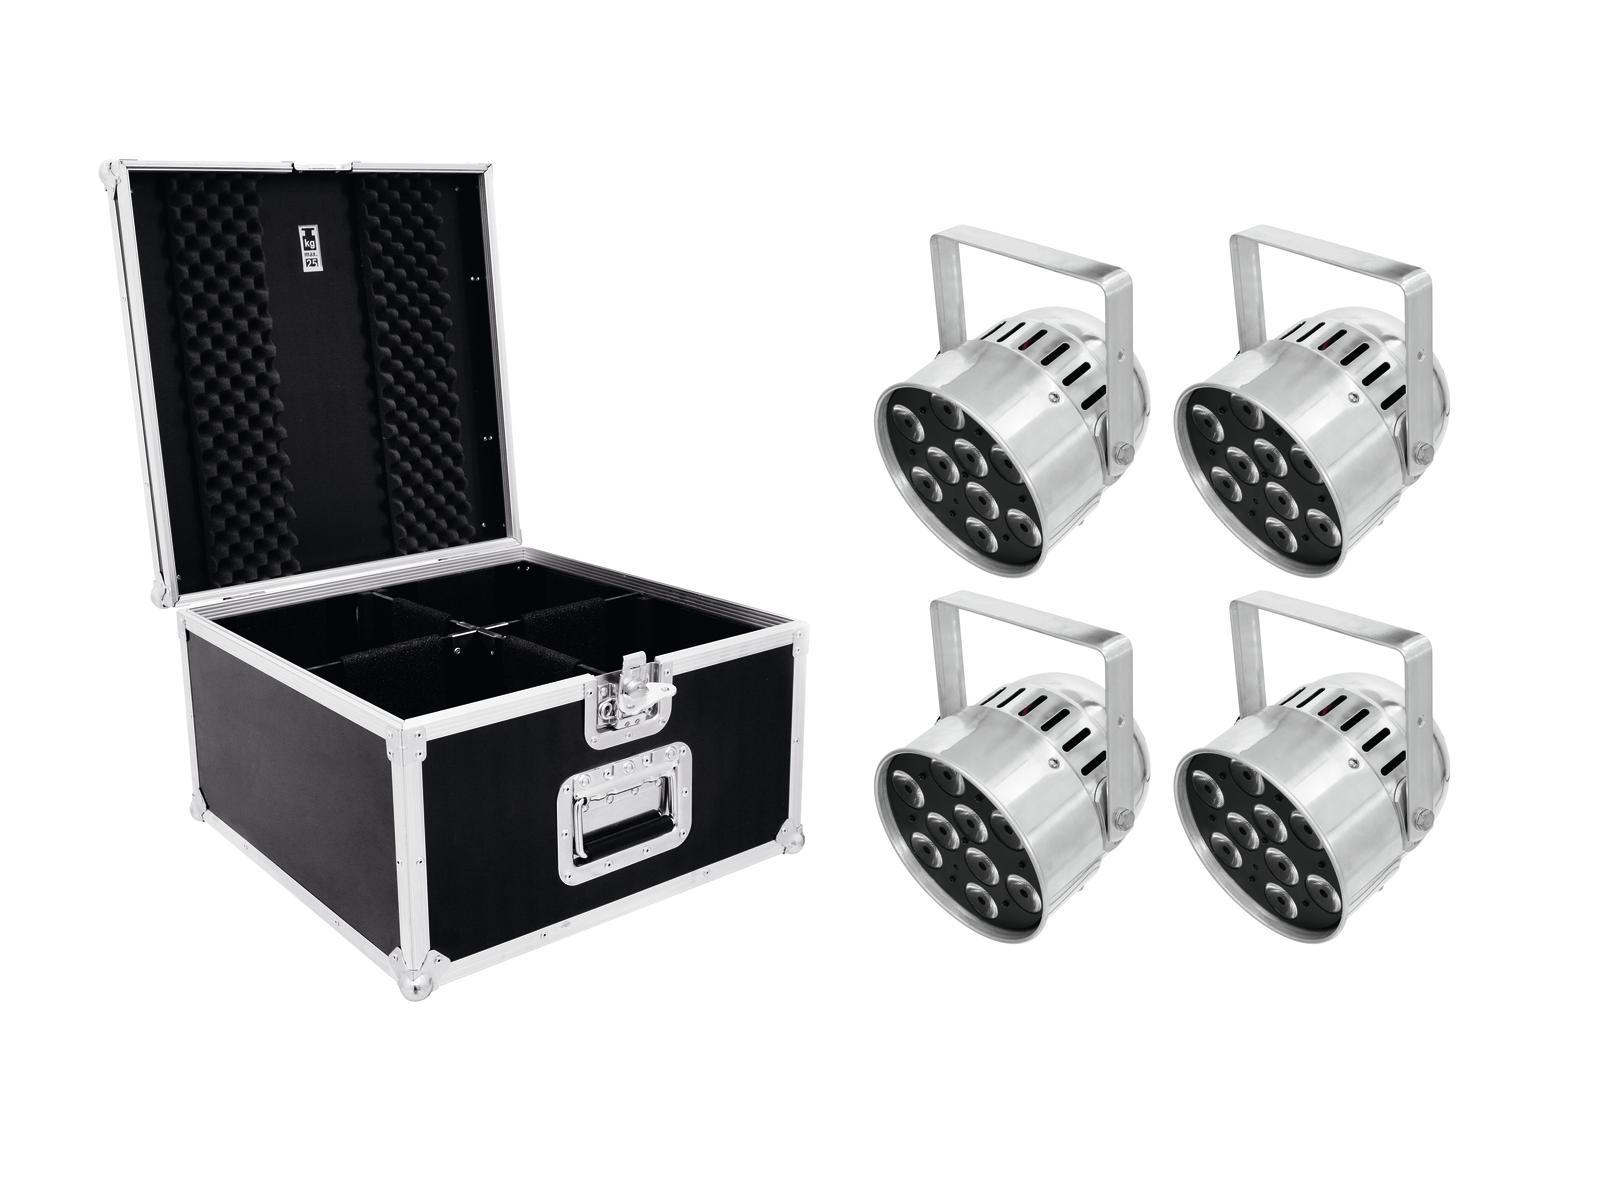 eurolite-set-4x-led-par-56-hcl-short-sil-pro-case